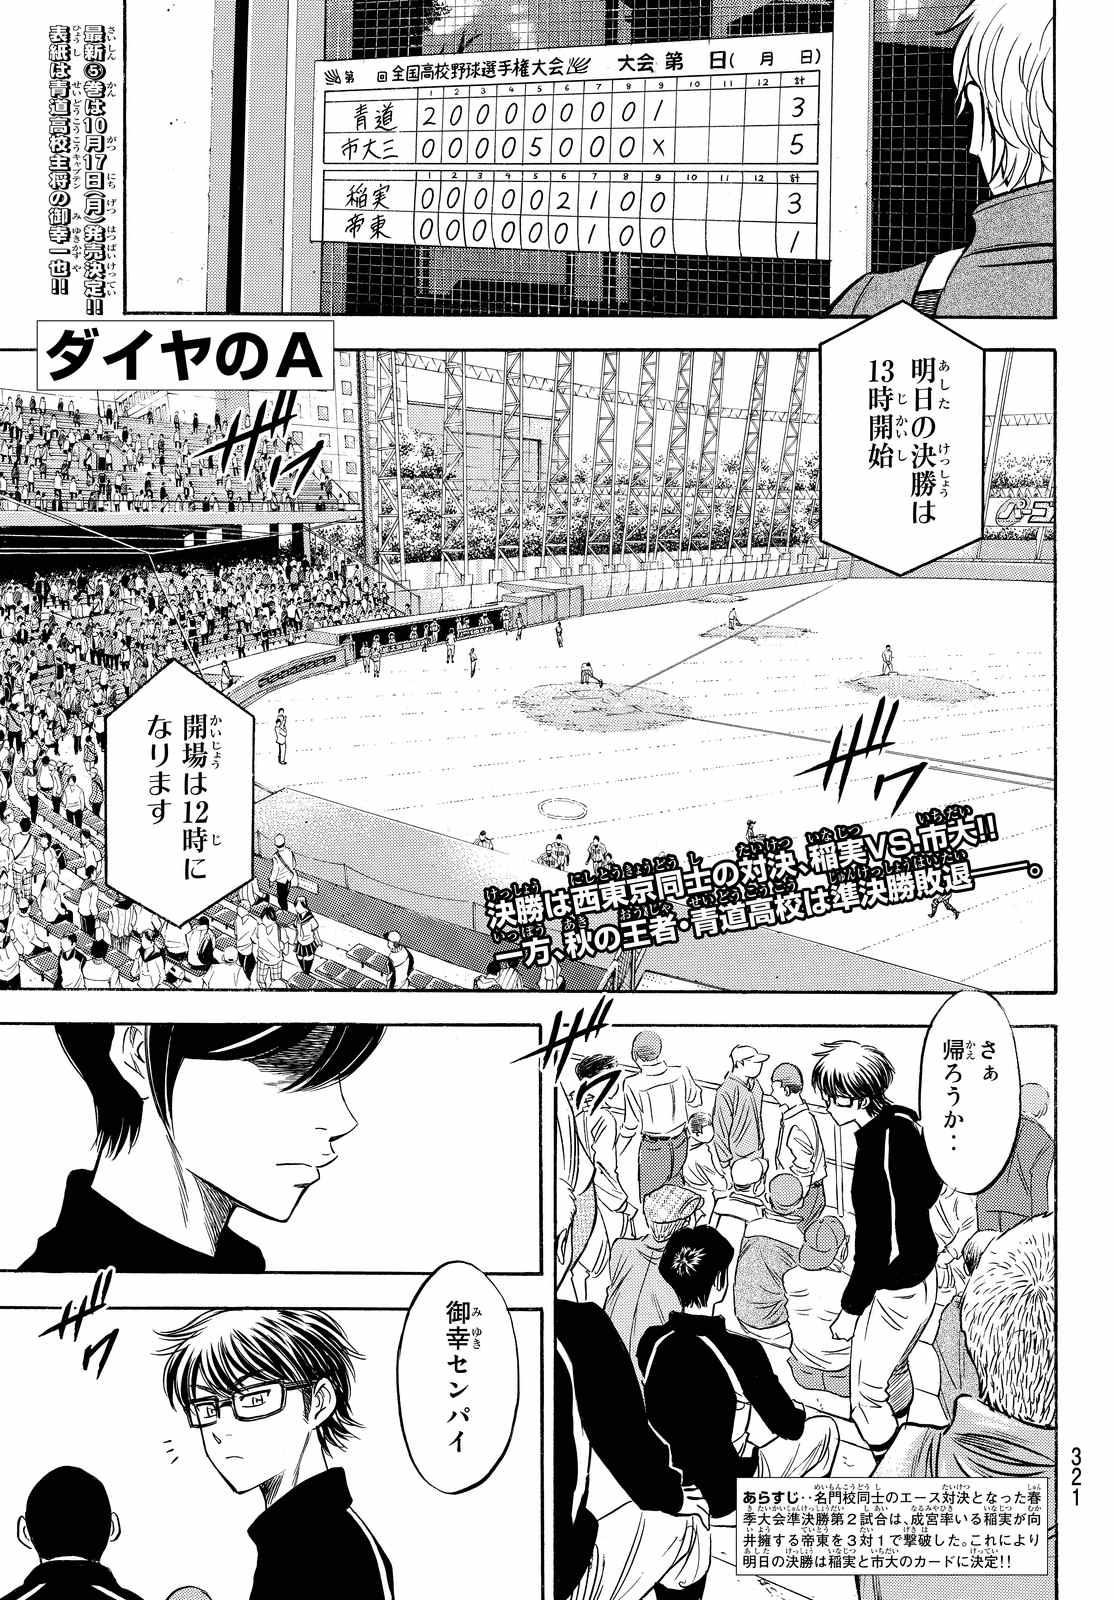 Daiya no A Act II - Chapter 049 - Page 1